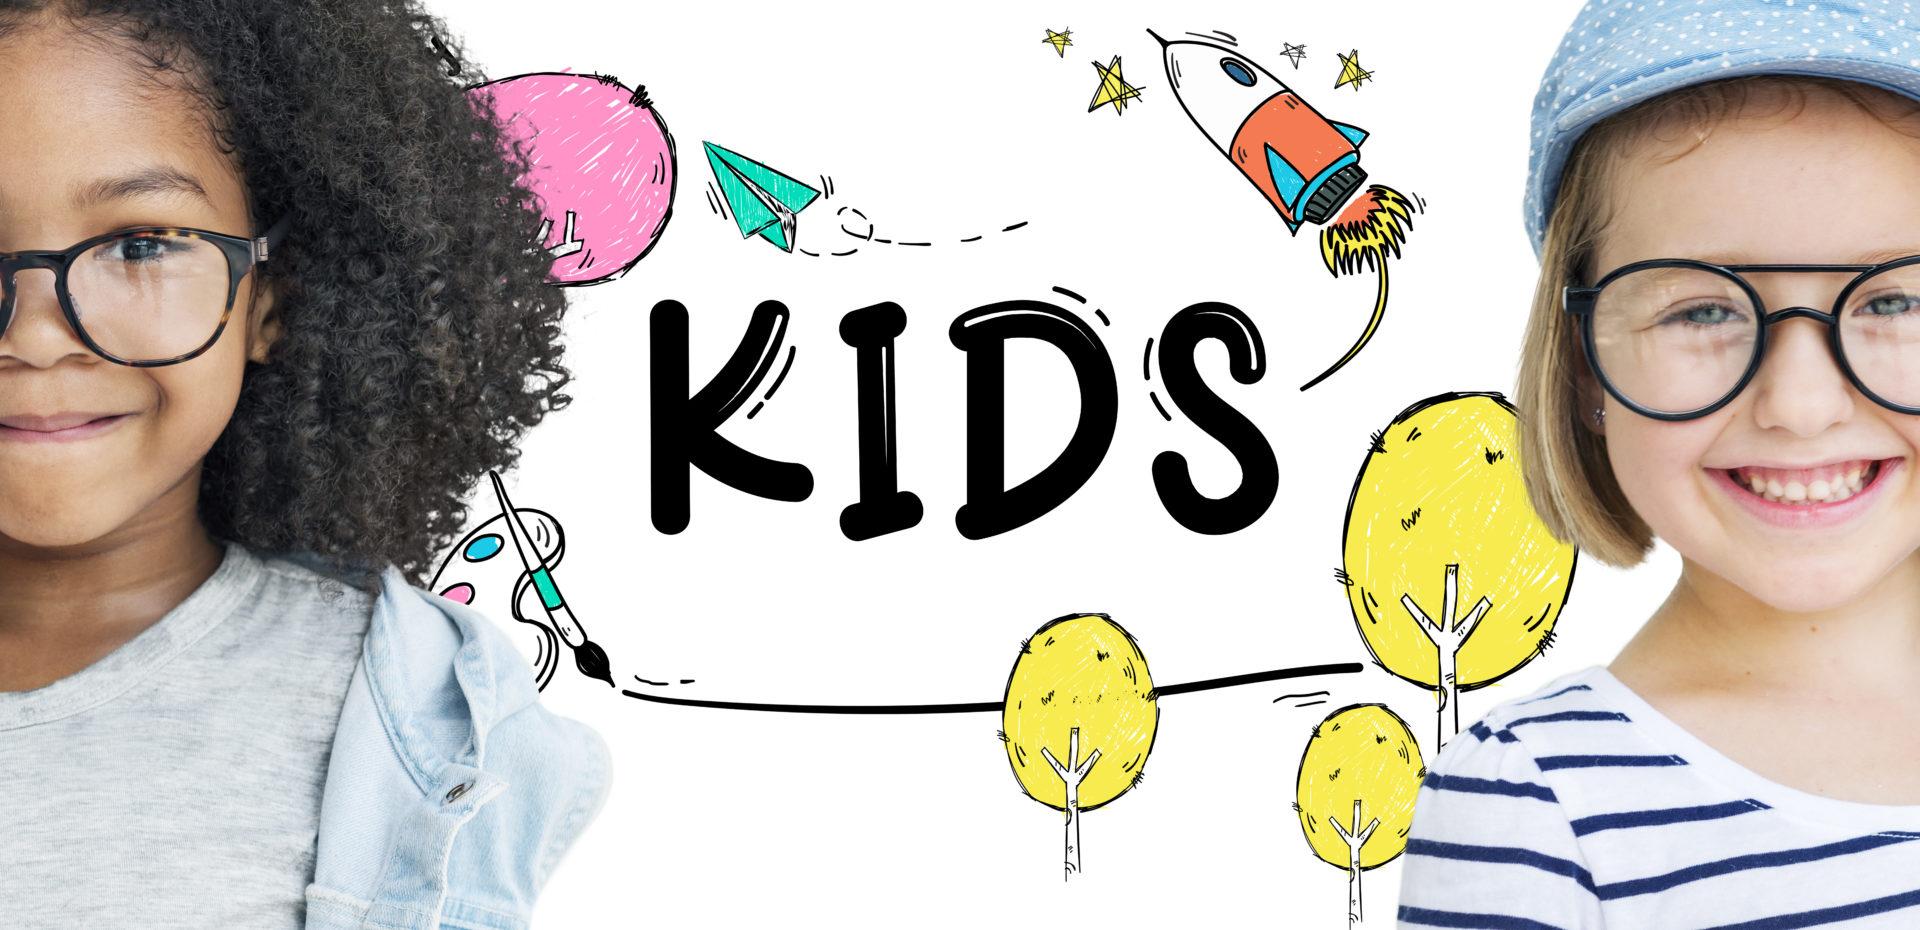 Idée Cadeau Pour Enfant (Fille) De 6 Ans À 12 Ans - Jeux Et intérieur Jeux Pour Fille Mode